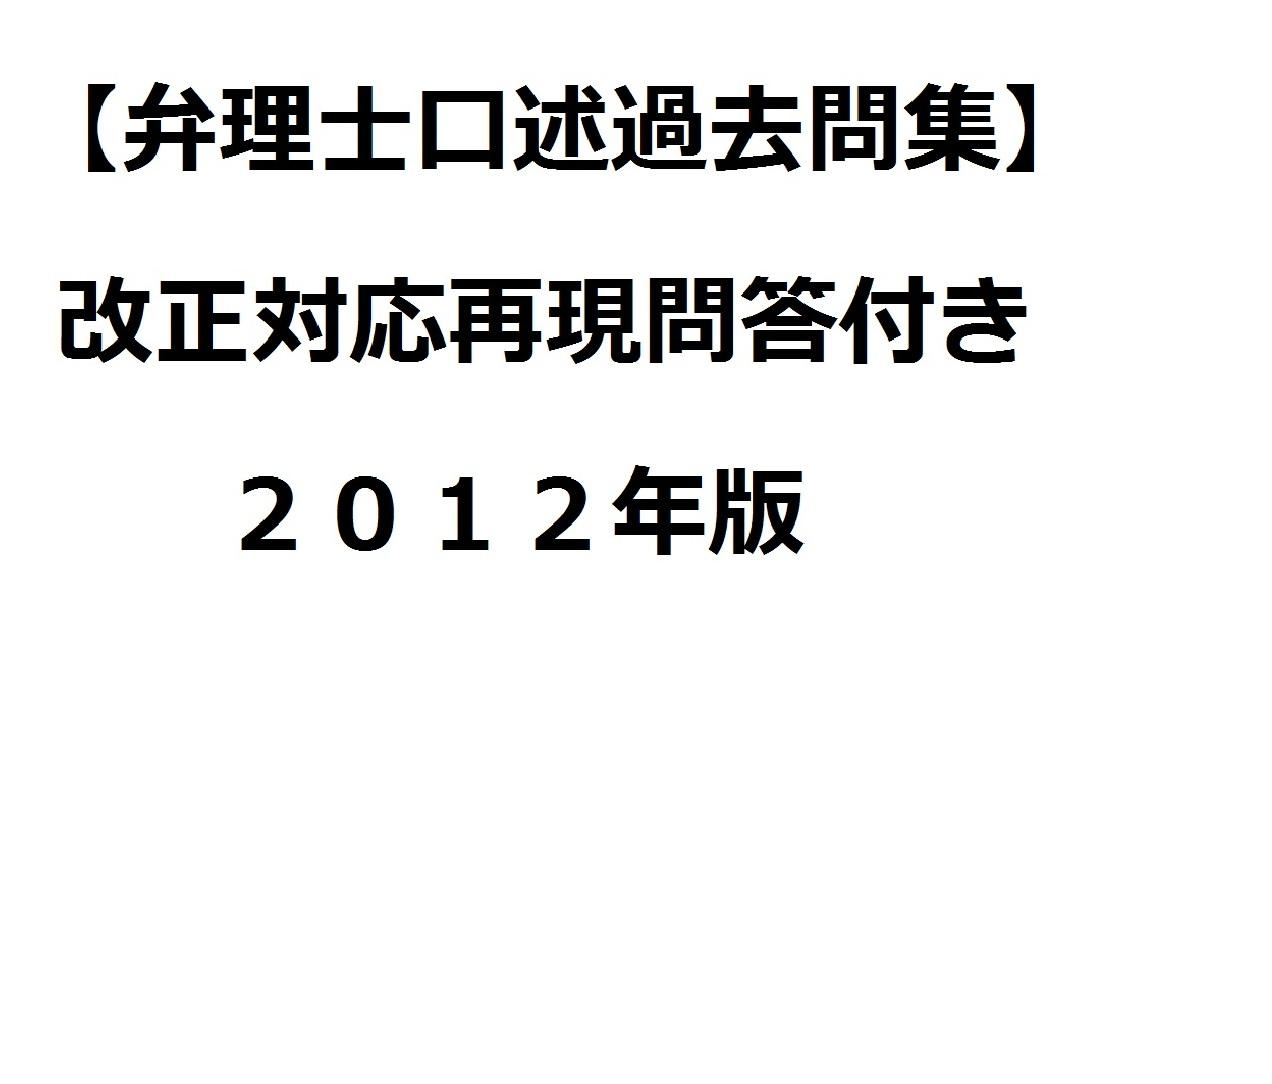 【口述問題集・再現問答付き】2012年版